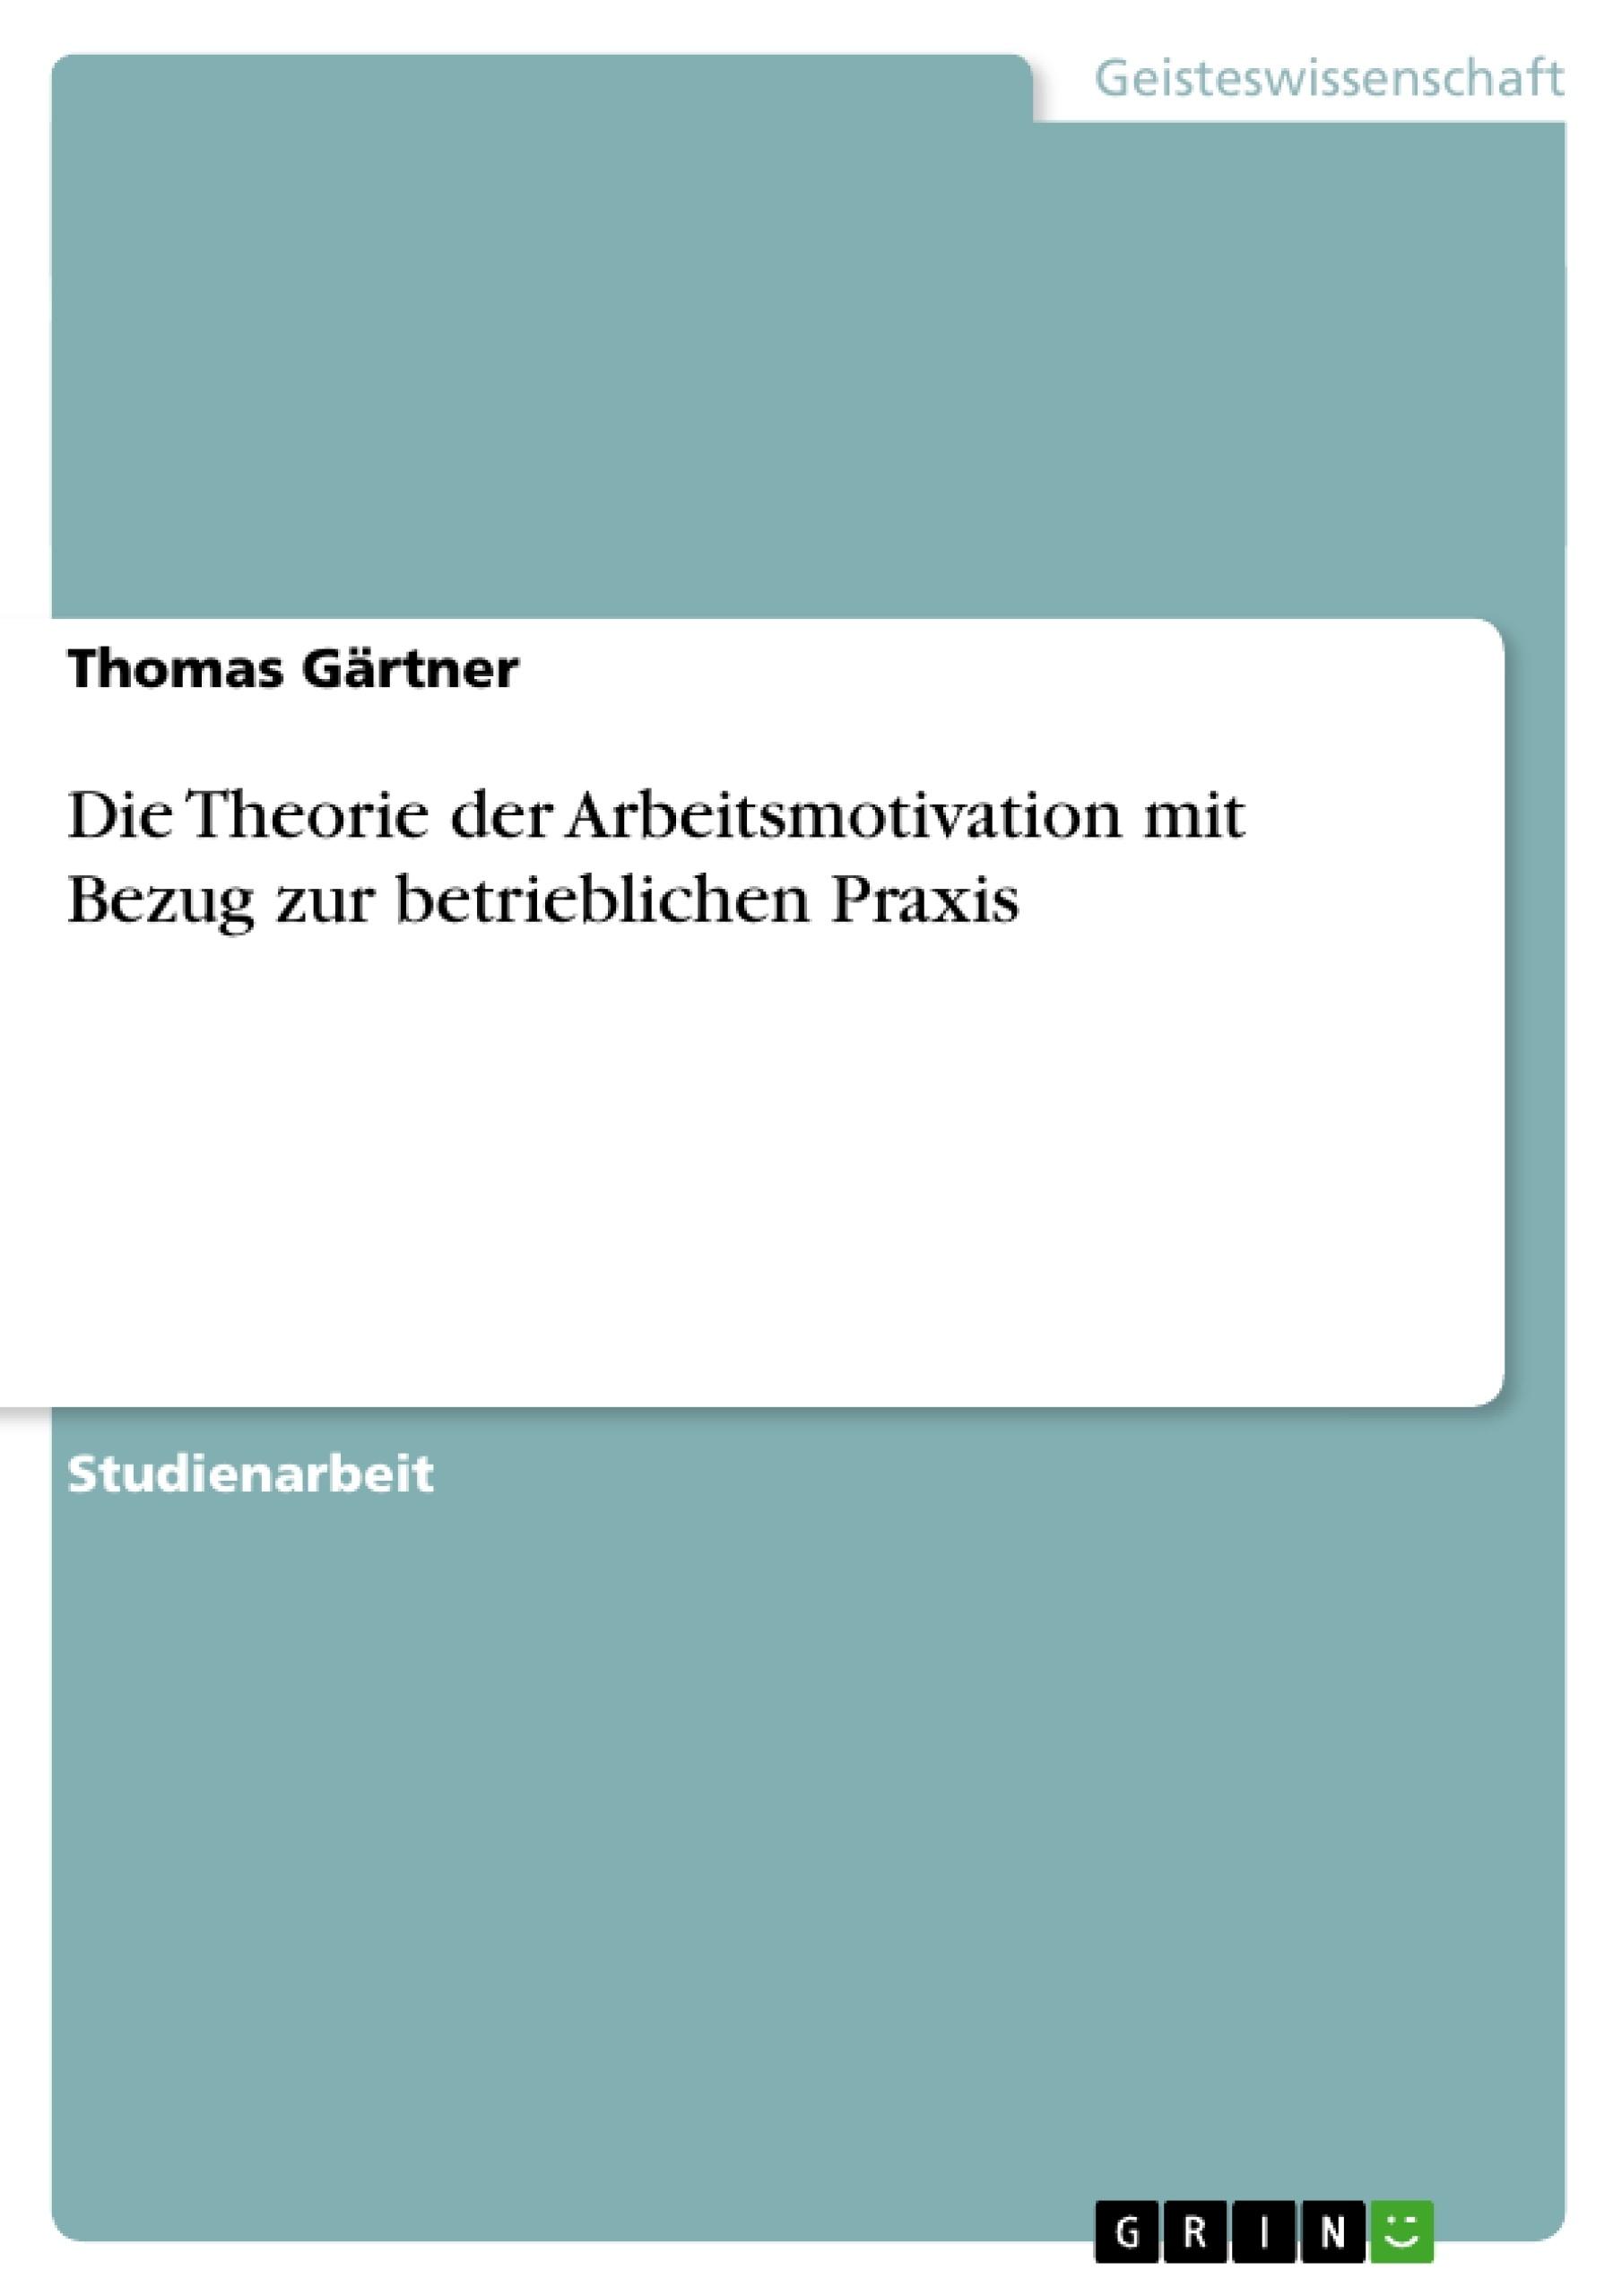 Titel: Die Theorie der Arbeitsmotivation mit Bezug zur betrieblichen Praxis